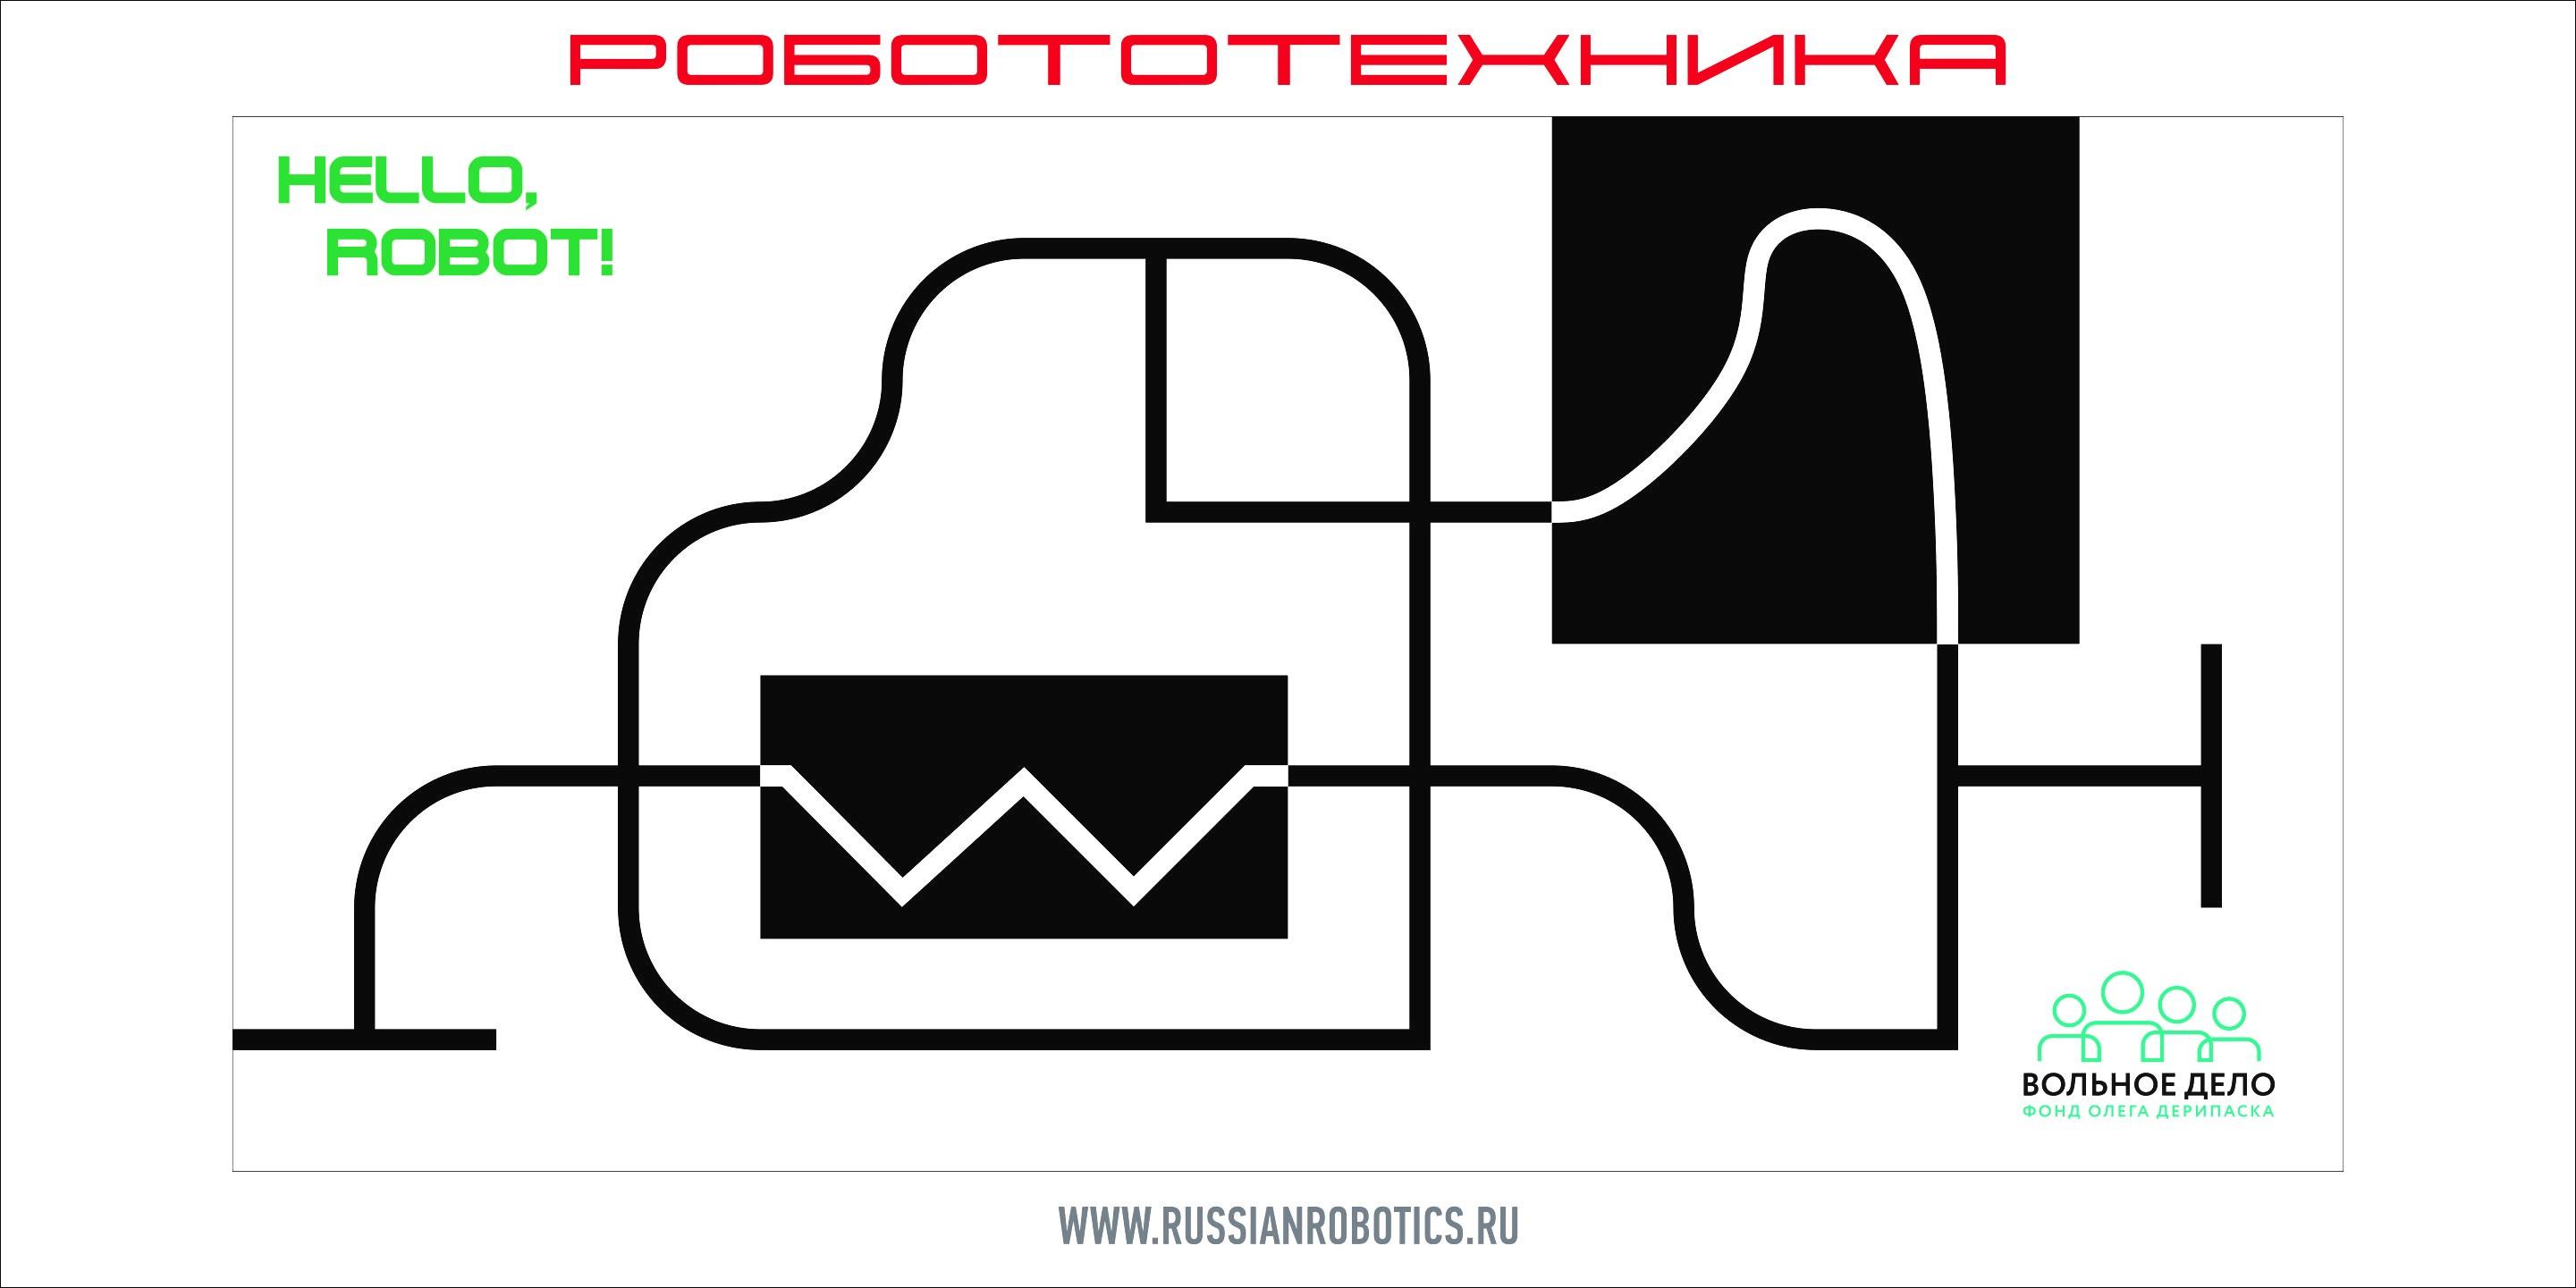 Робот по черной линии схема